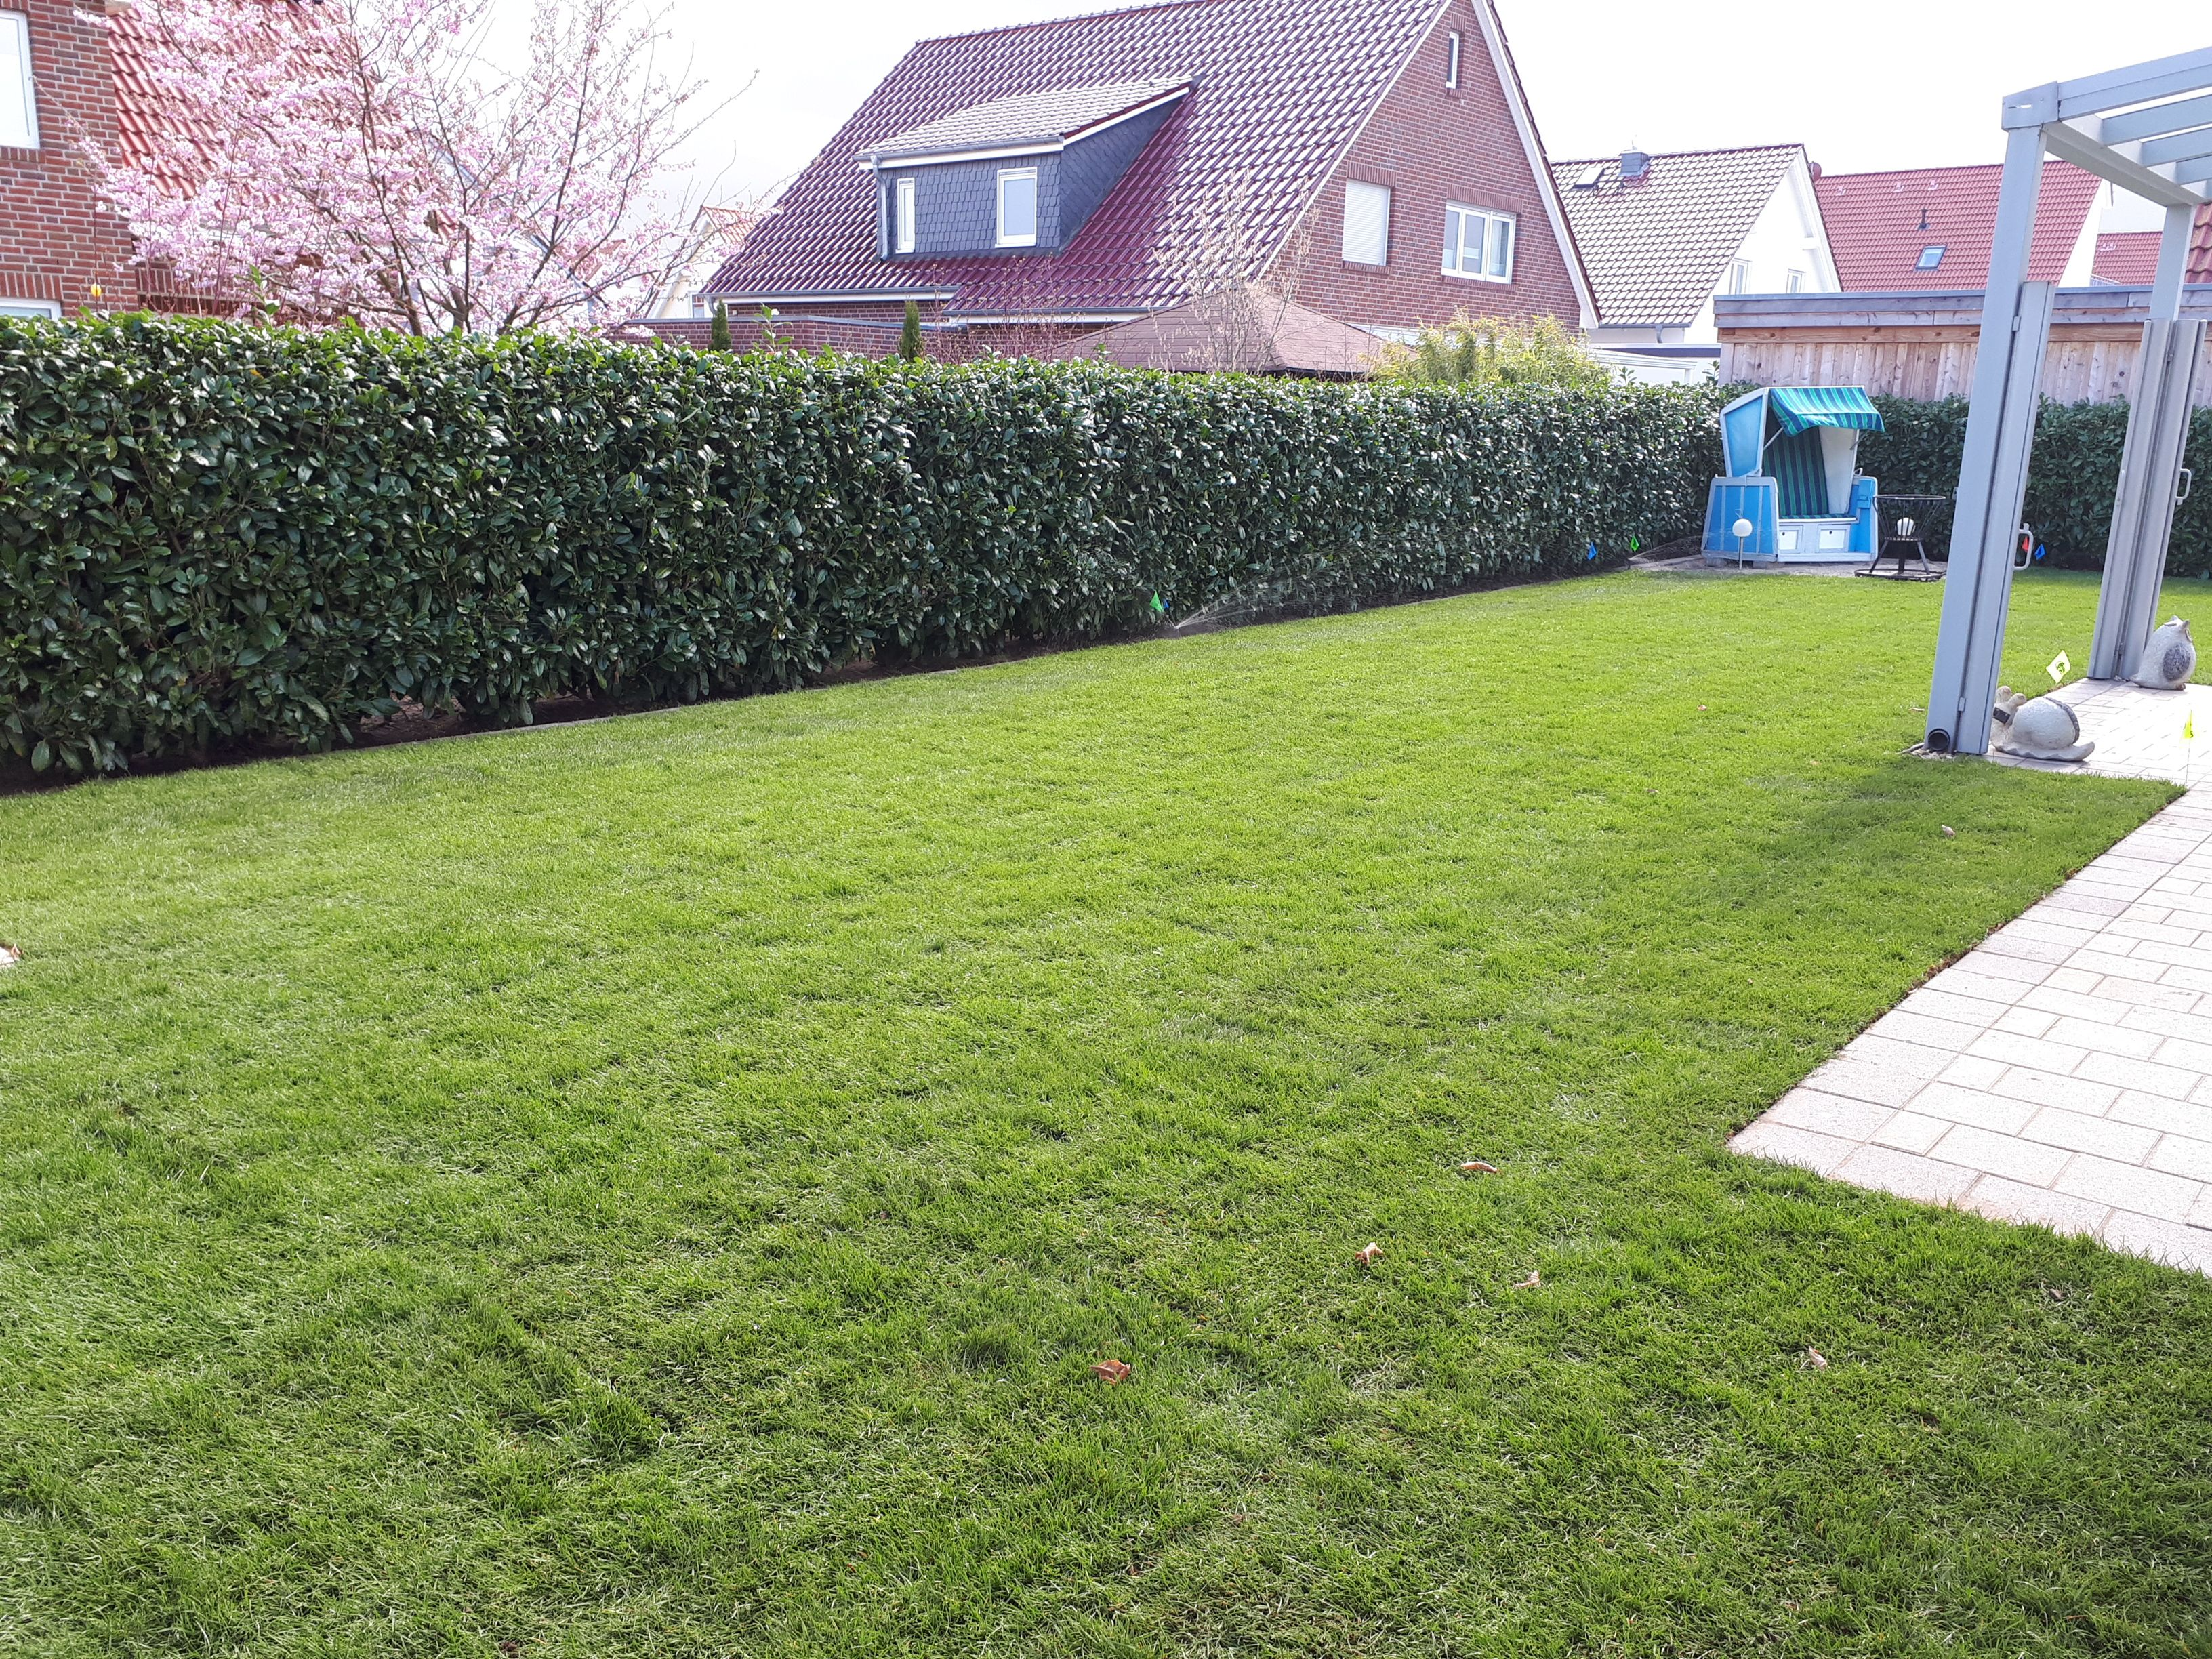 Rollrasen Verlegen In Burgdorf Hannover Burgwedel Und Isernhagen Von Greeenfairway E K Fertigrasen Rollrasen Rasen Garte Gartengestaltung Rasen Draussen